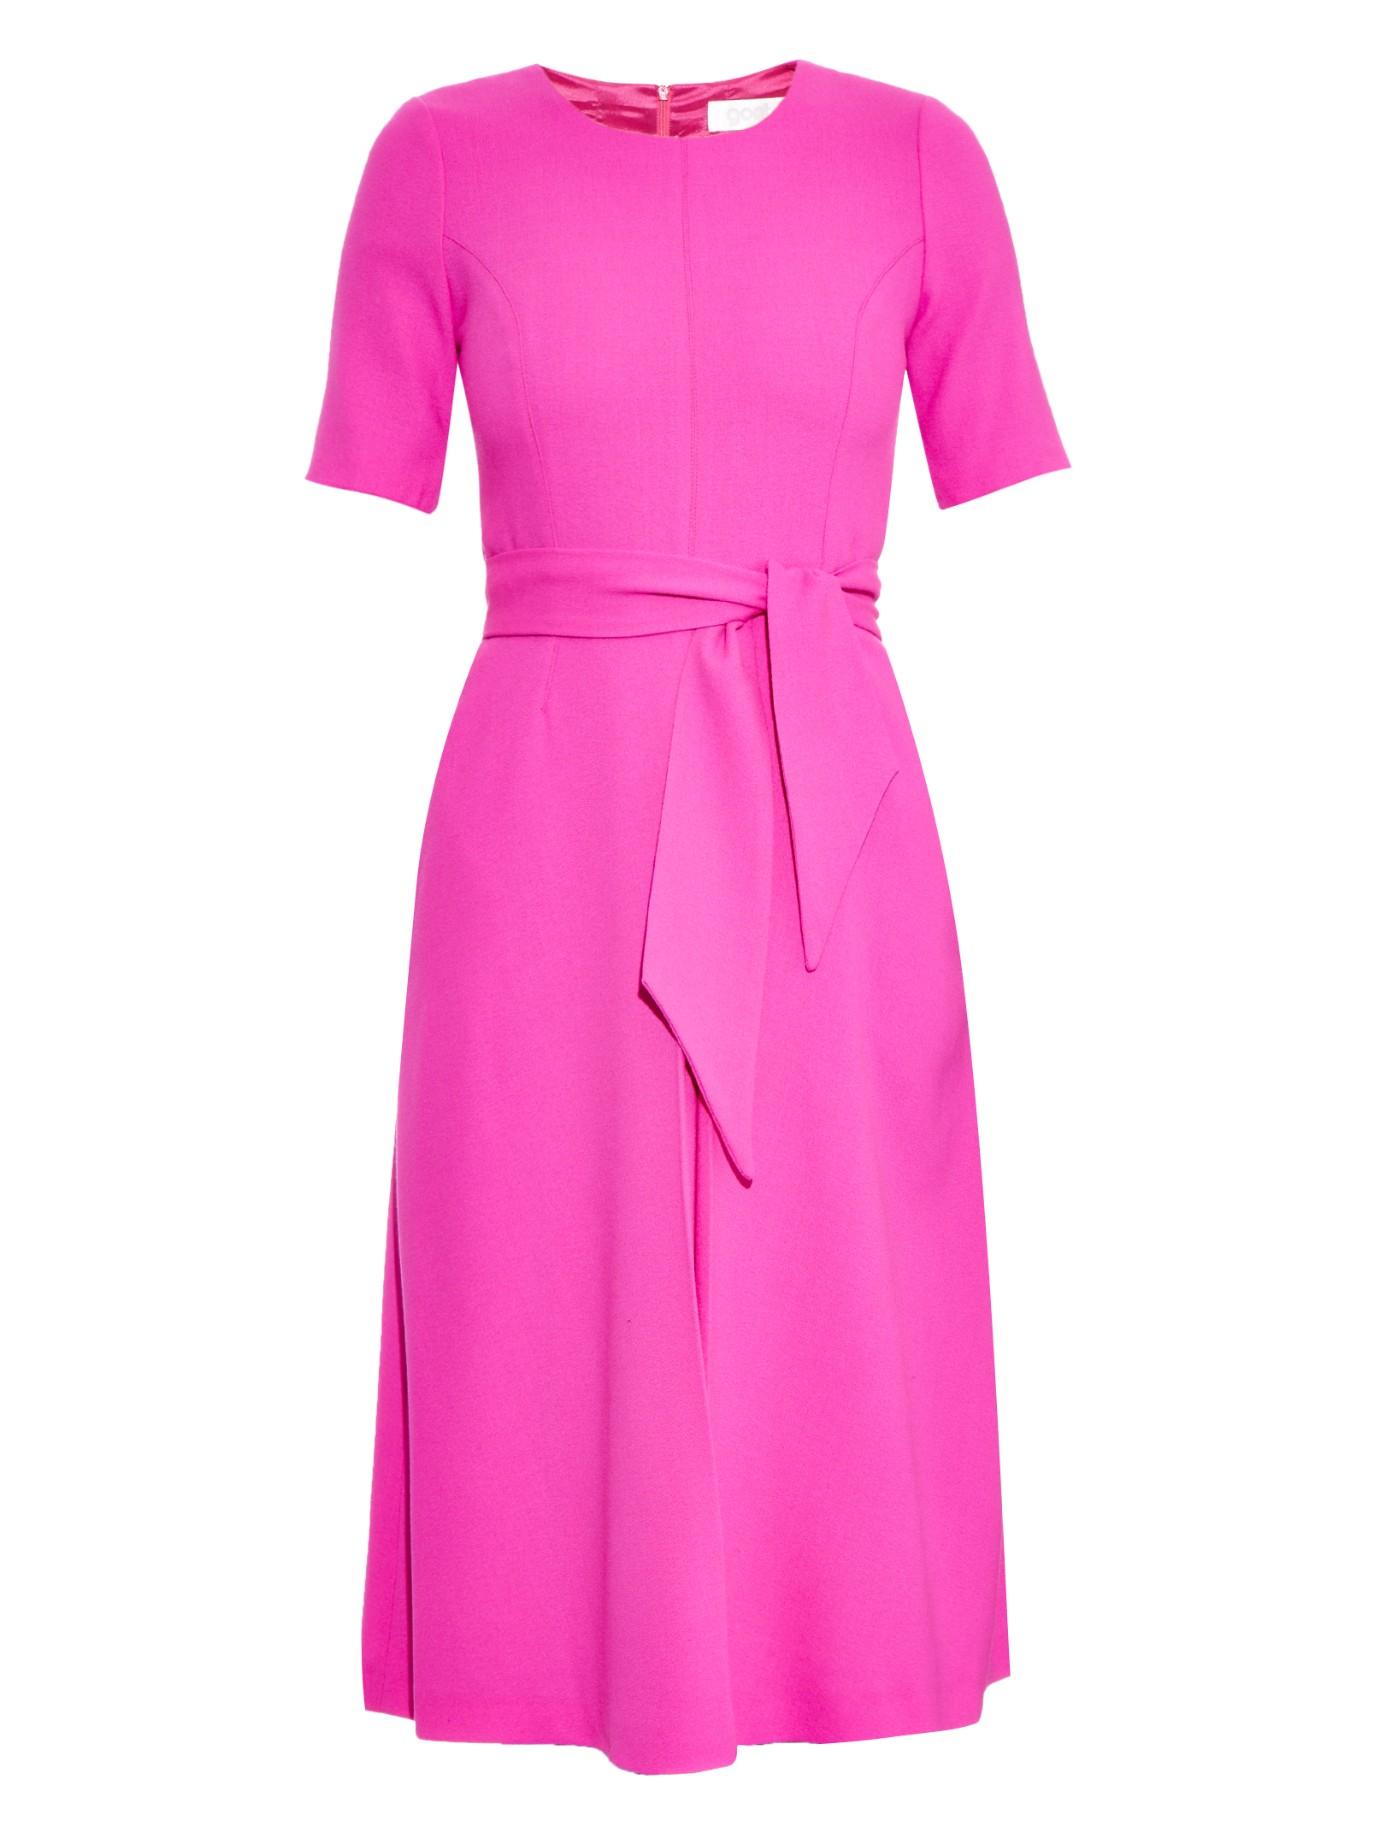 Fox dress - Pink & Purple Goat iwXO8Rulq